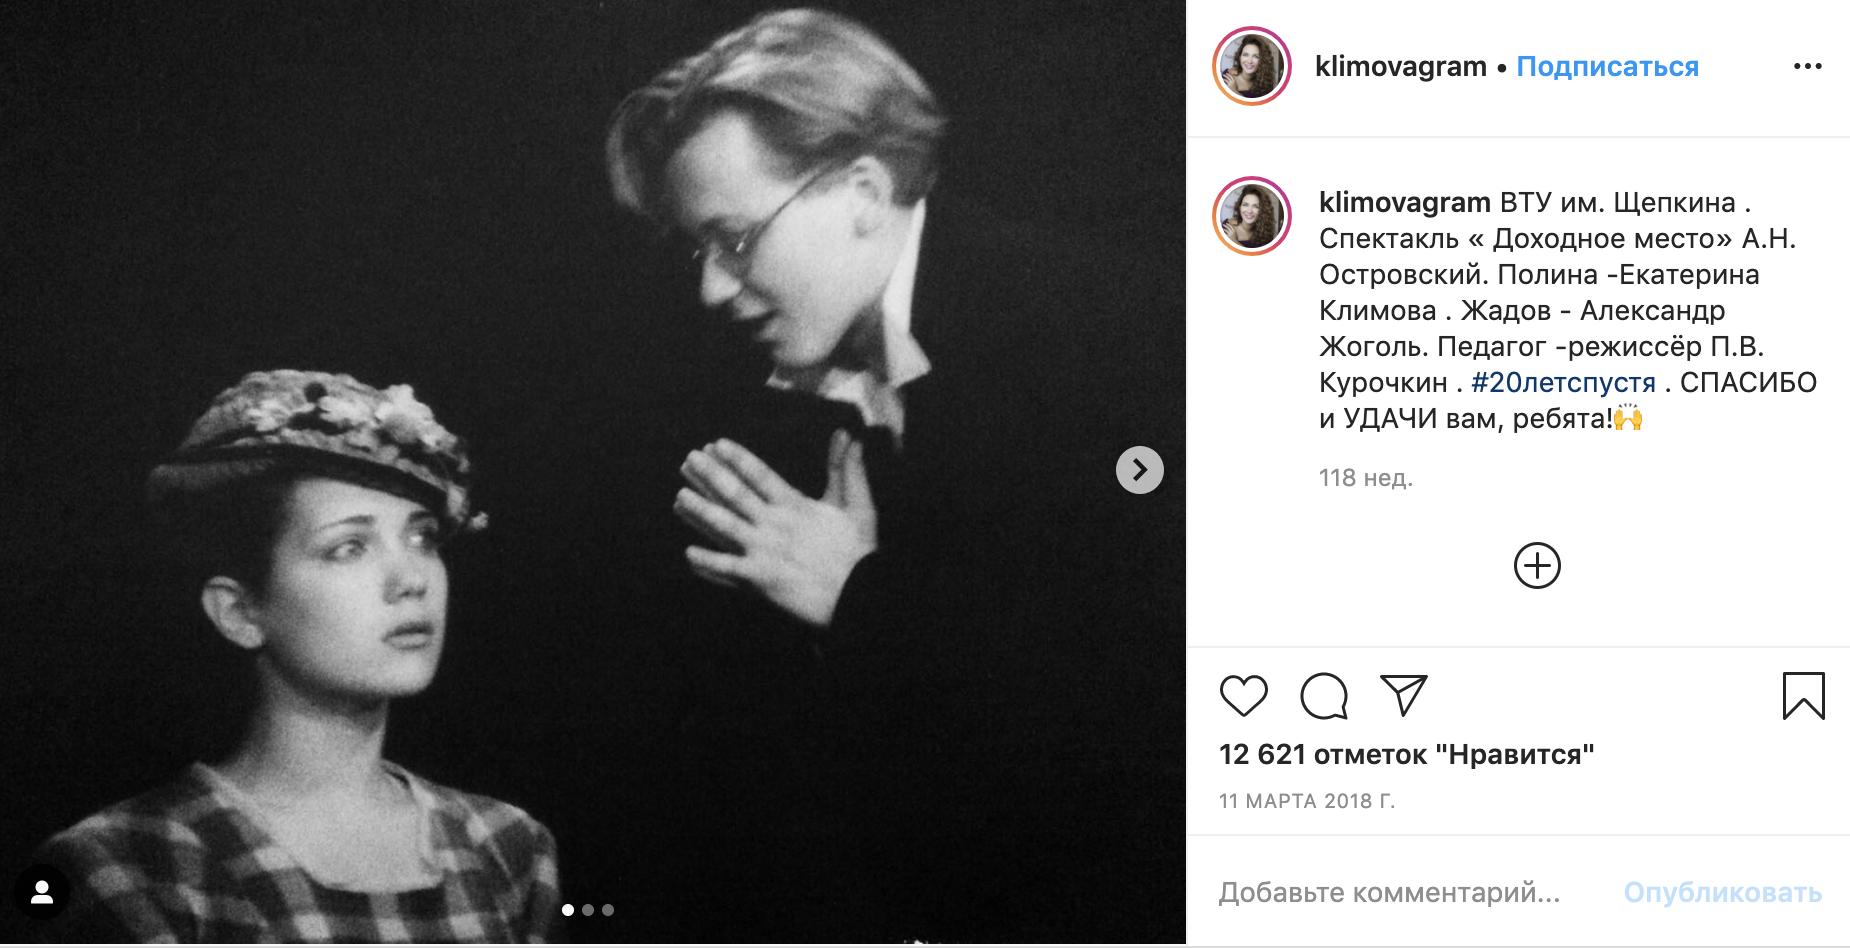 Е. Климова вбытность студенткой Щукинского училища играет вспектакле